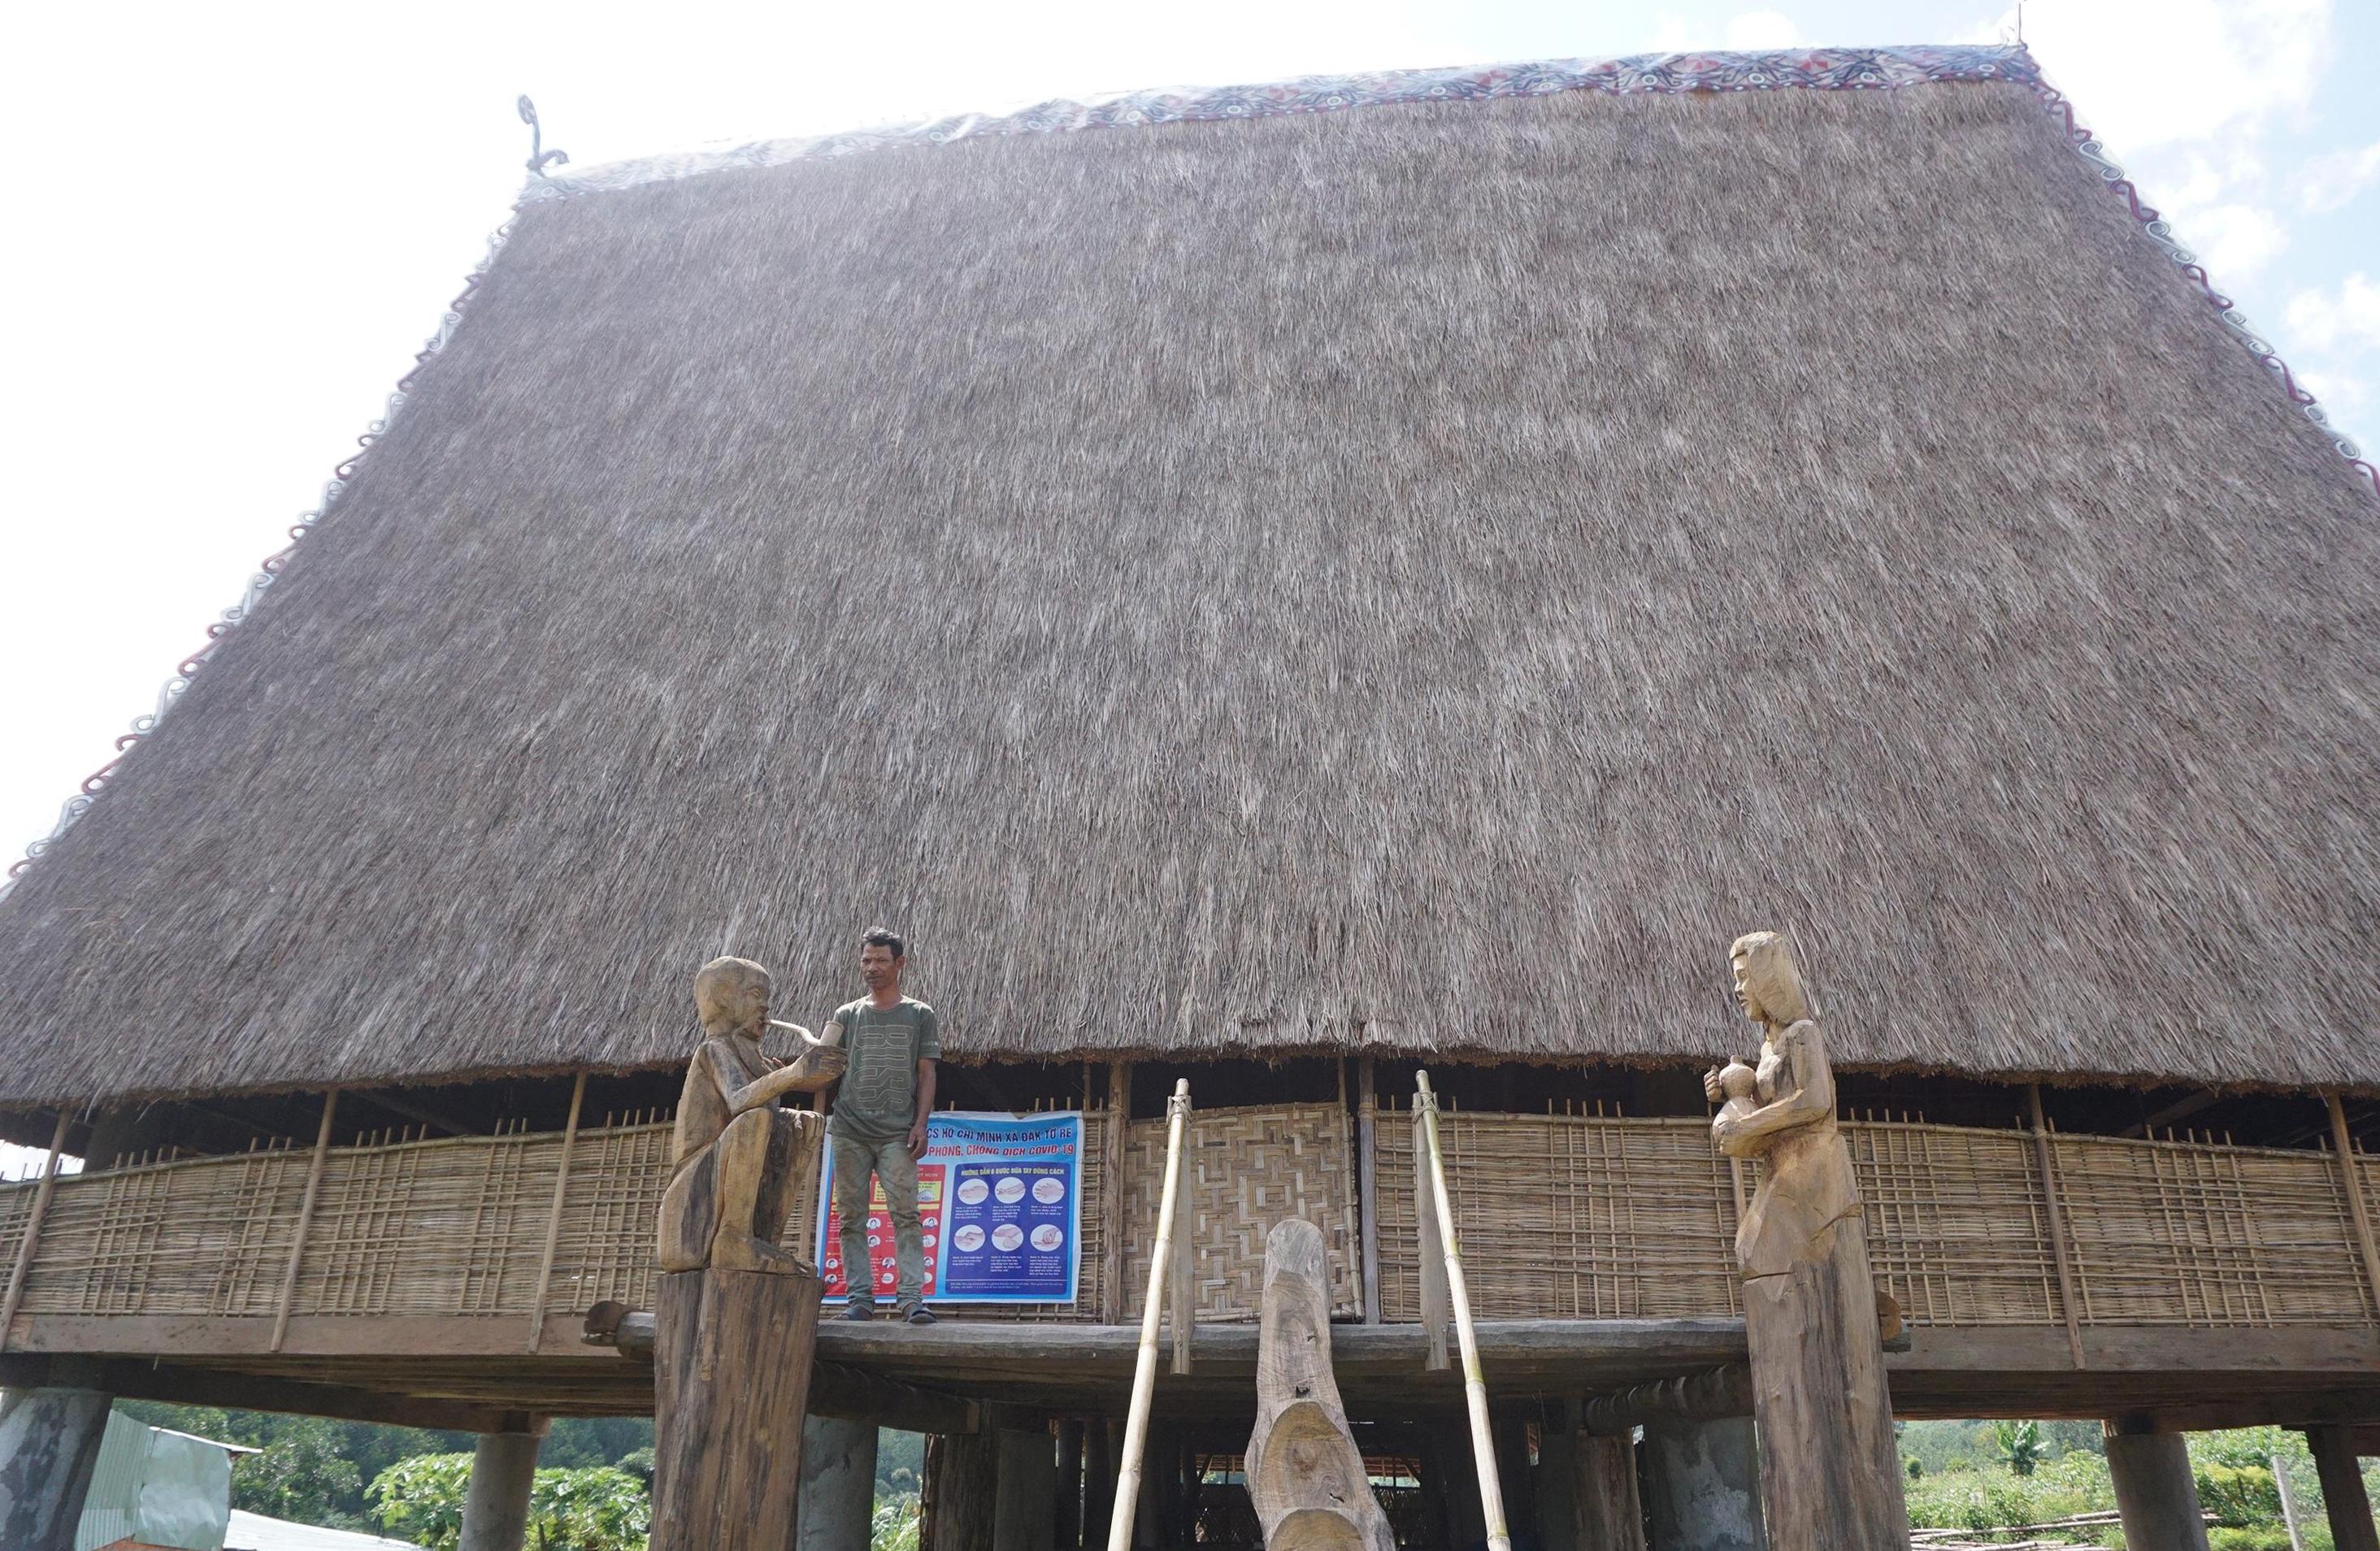 Ông A Tân giới thiệu bức tượng do chính tay ông làm đặt tại nhà rông của làng. Ảnh: T-T